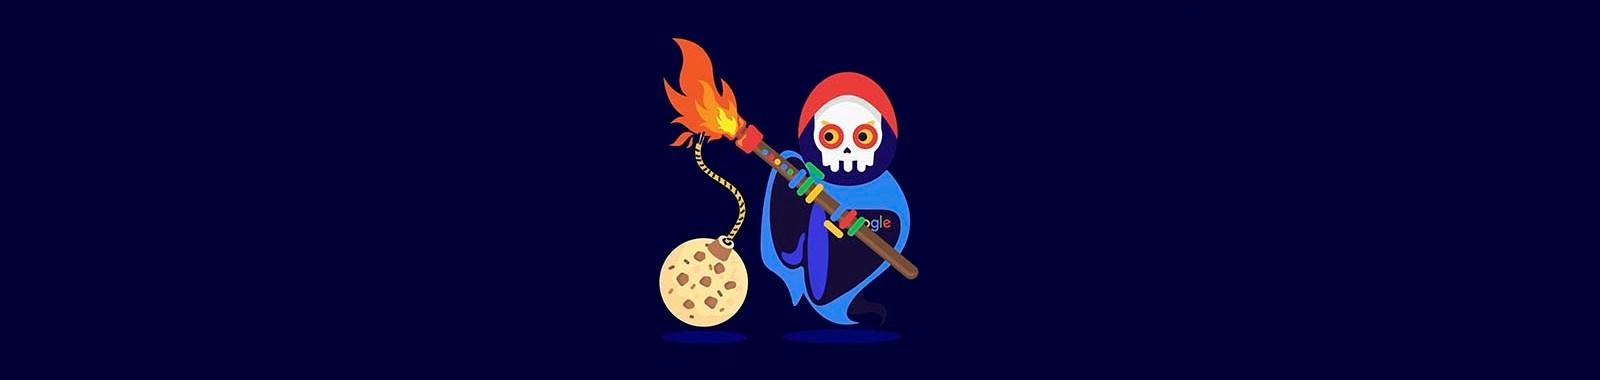 google_reaper_cookie-01-eye